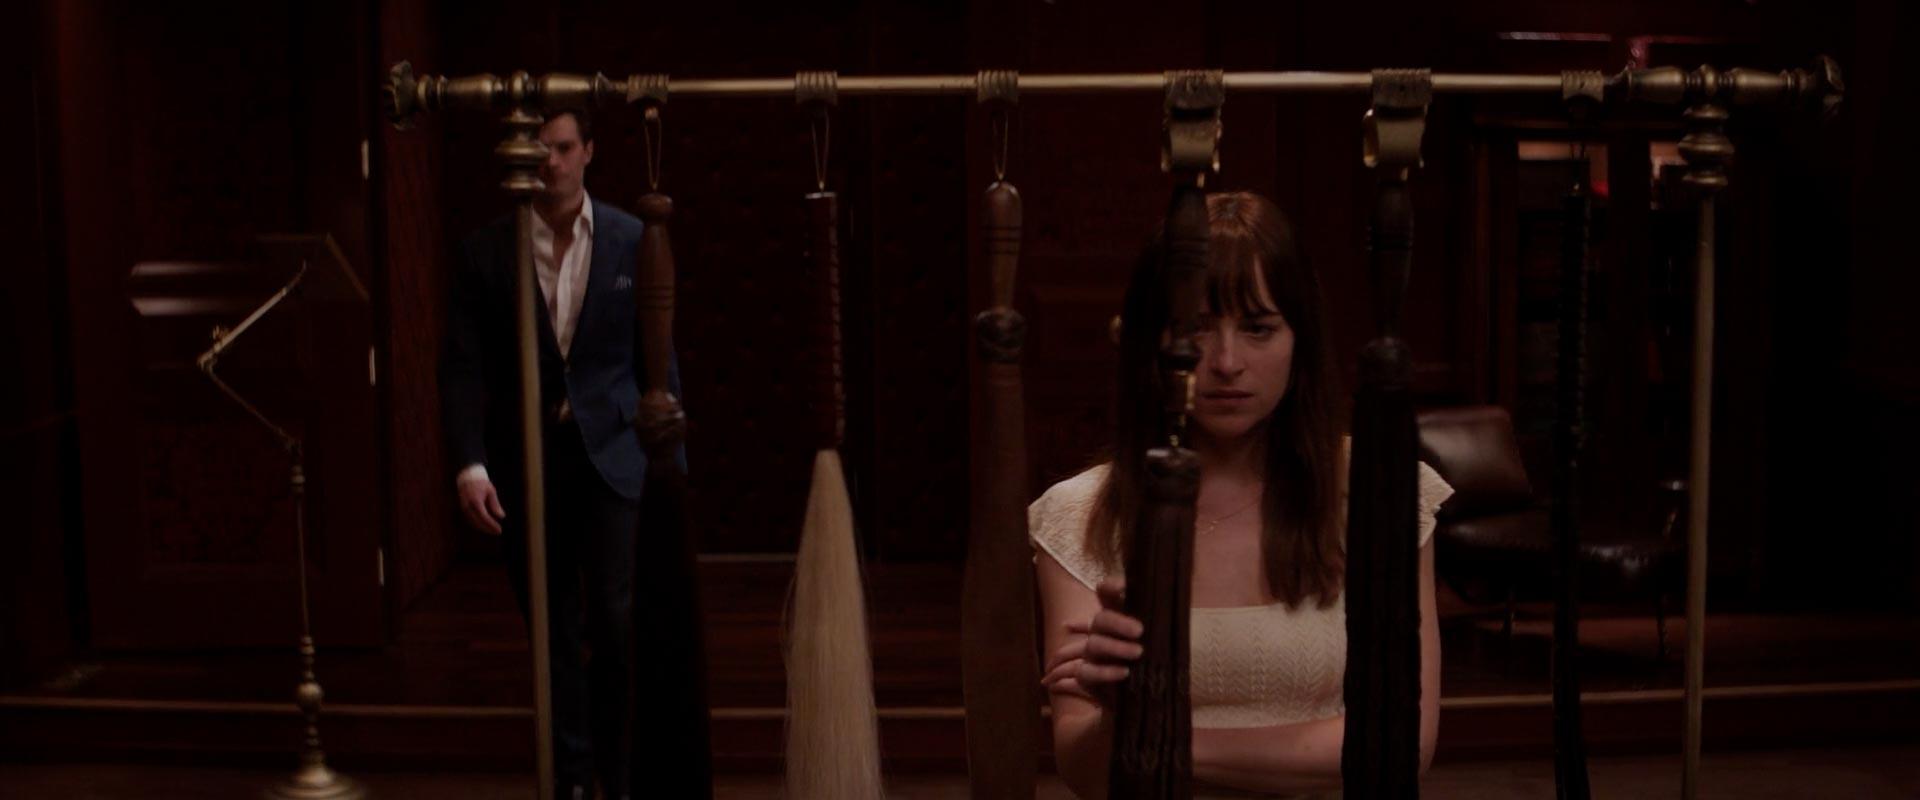 Fifty Shades of Grey - Dakota Johnson & Jamie Dornam